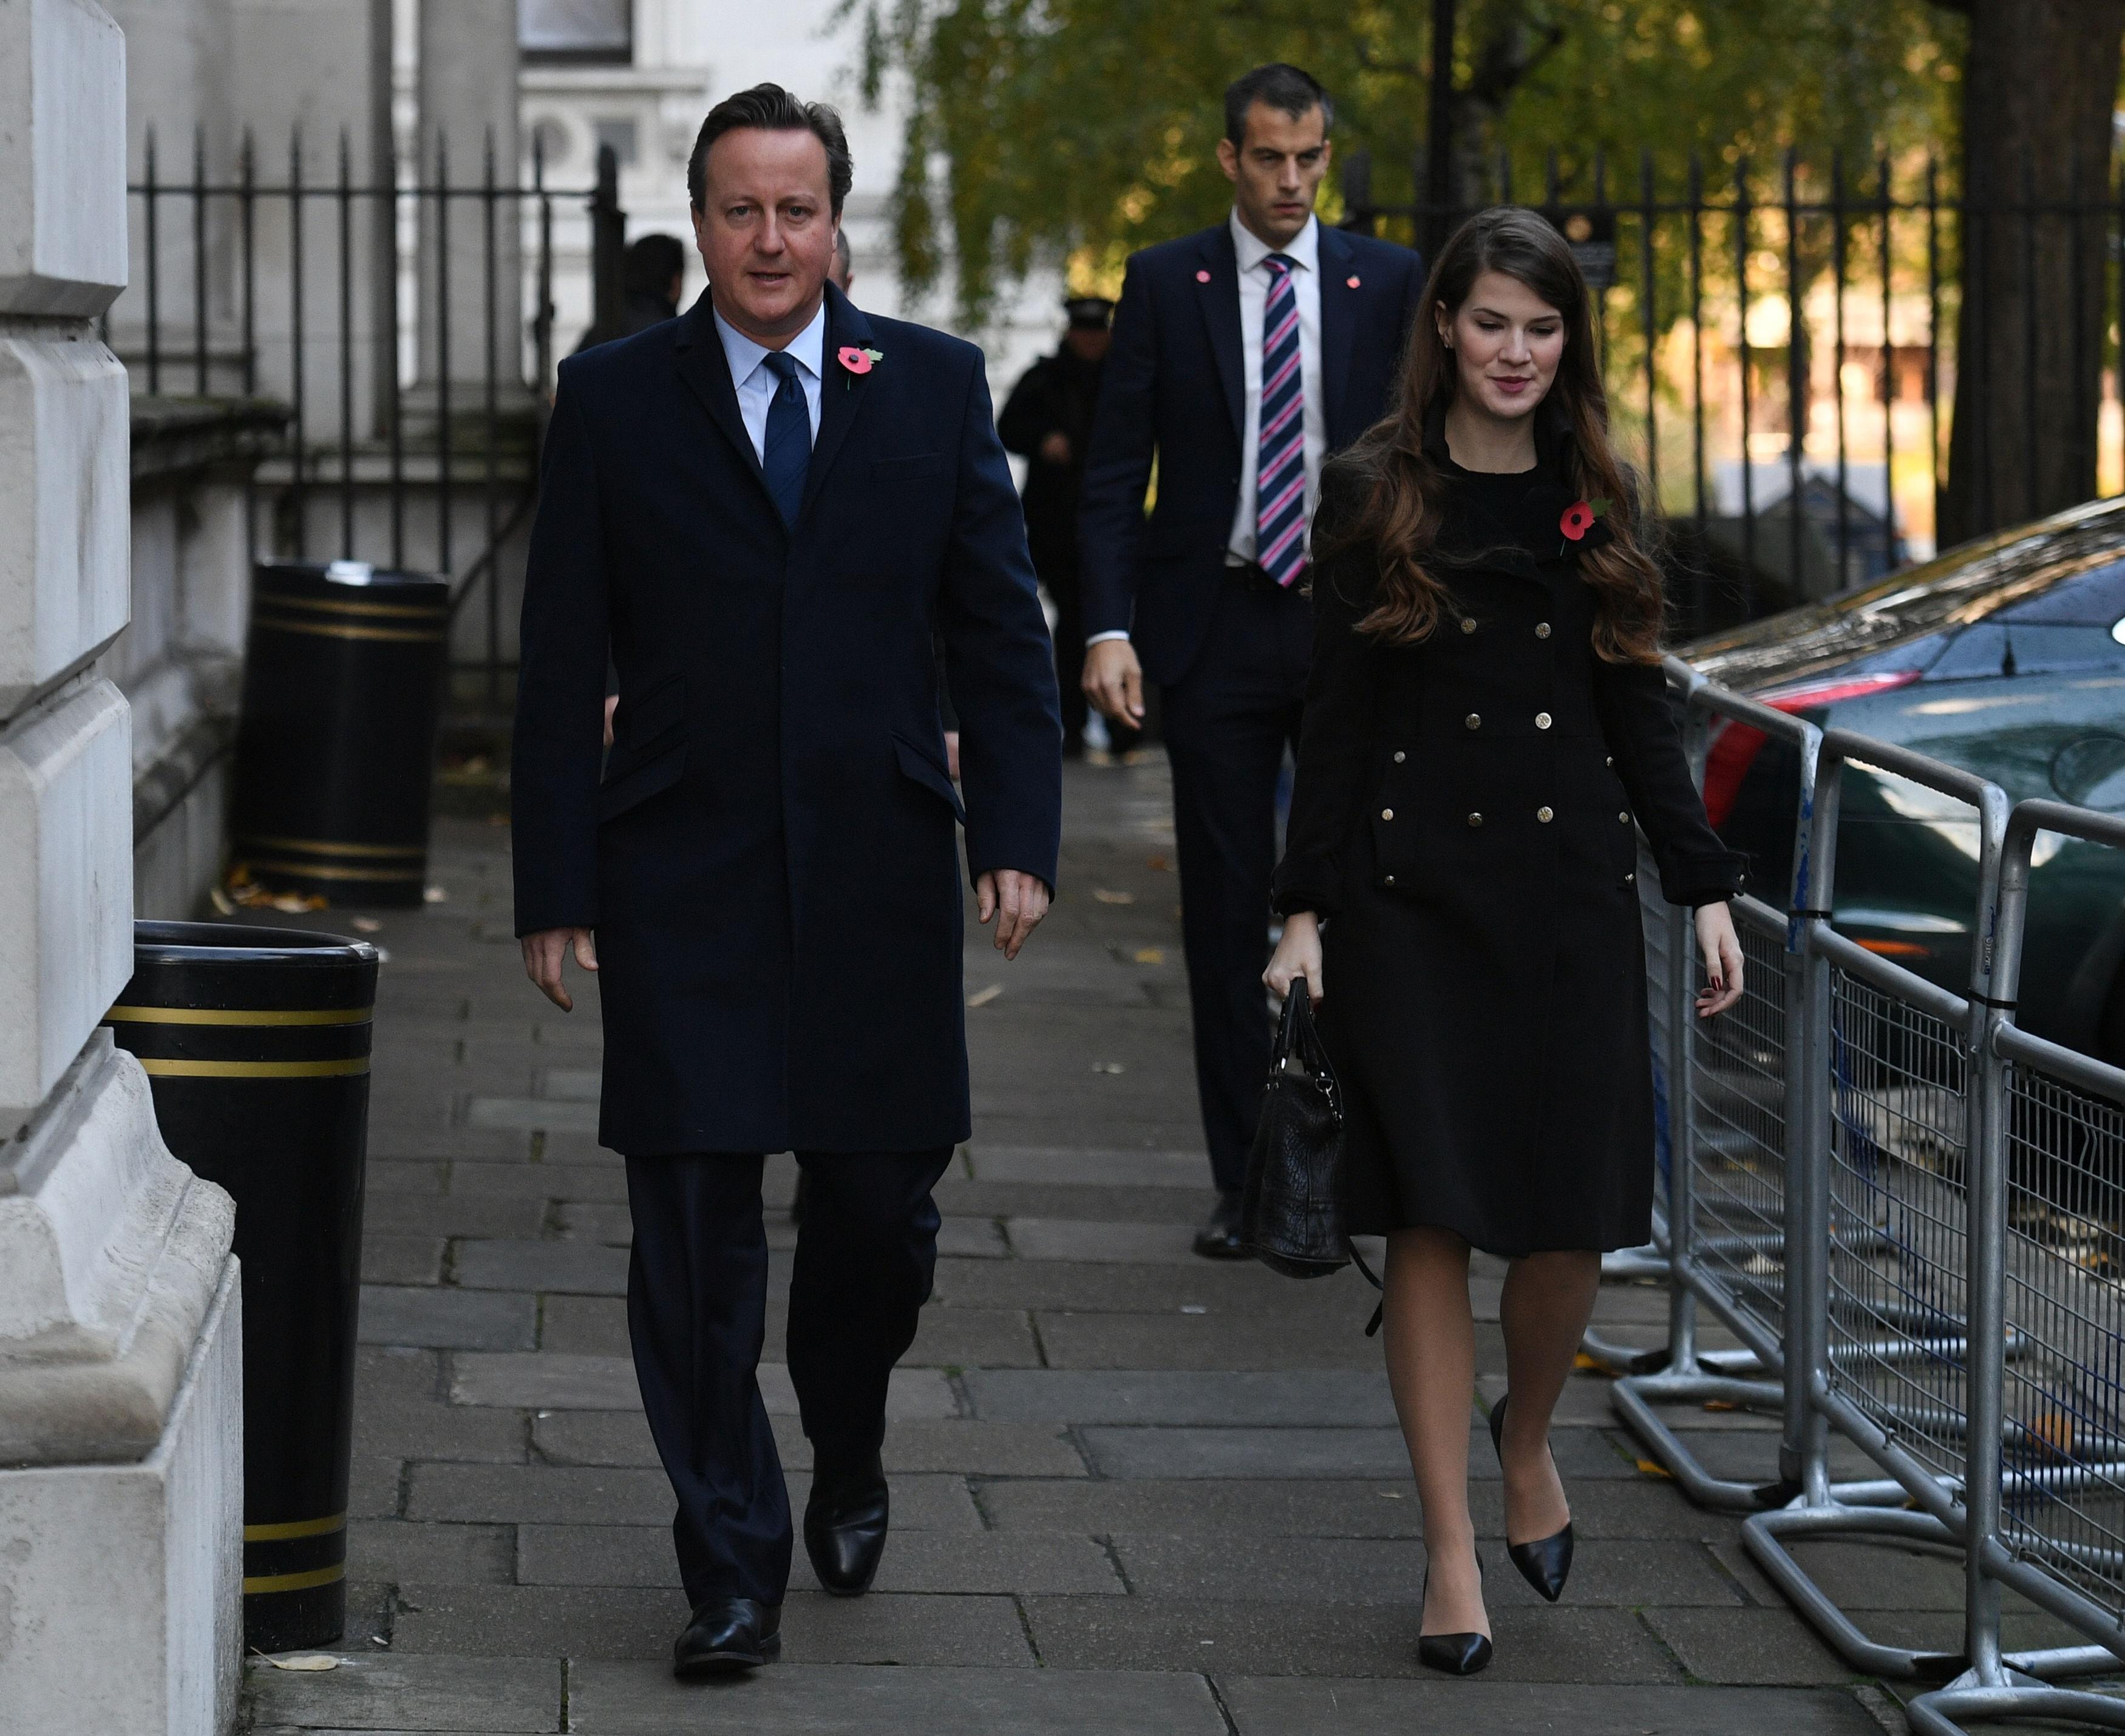 Trump undermines democracy with media attacks, says David Cameron